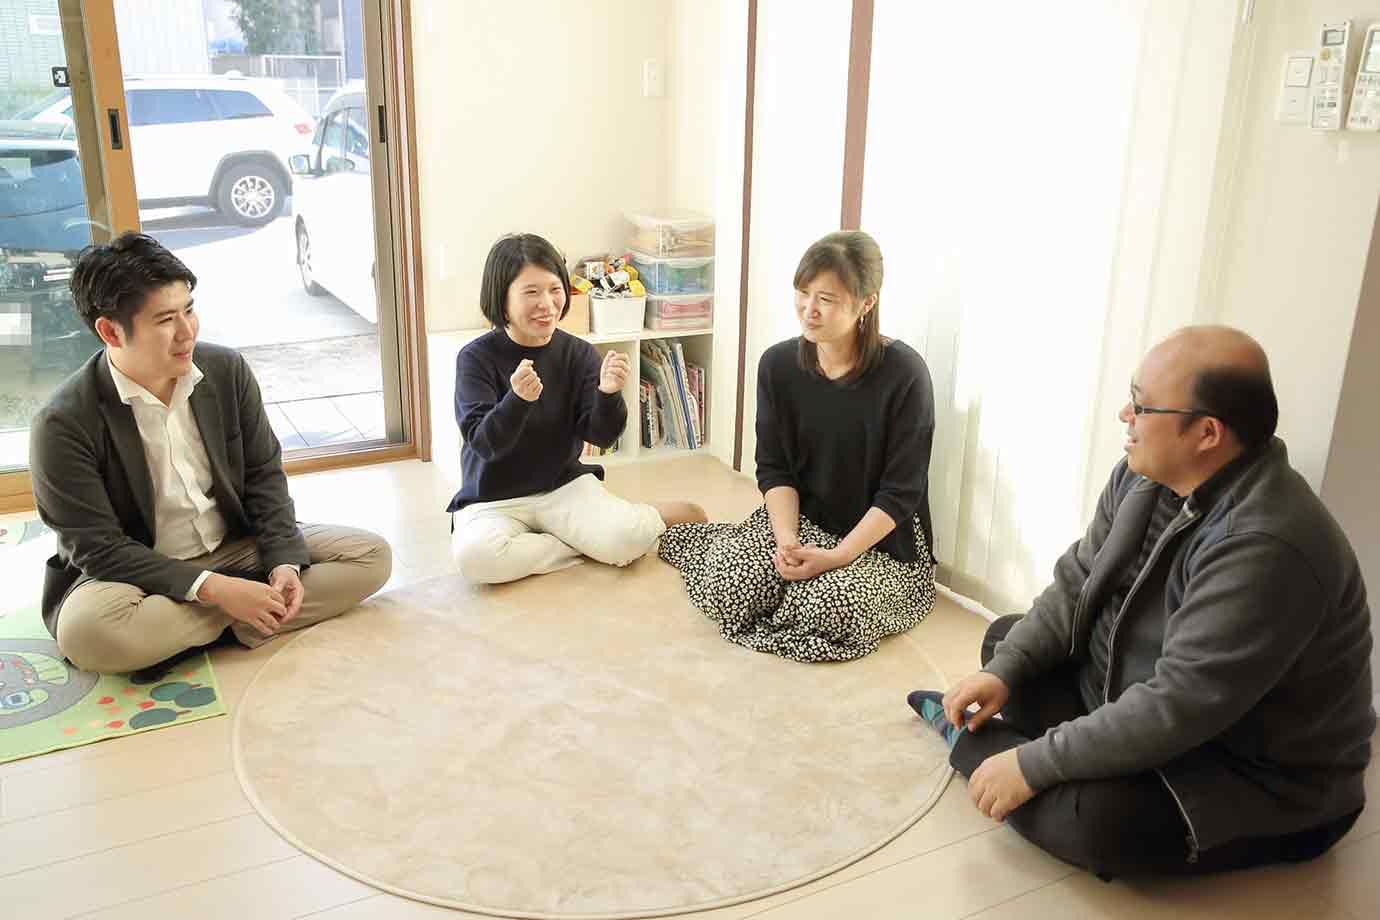 左からAzitの堤さん、長久手市民の春山さん、渡辺さん、COE LOG編集部の荒木